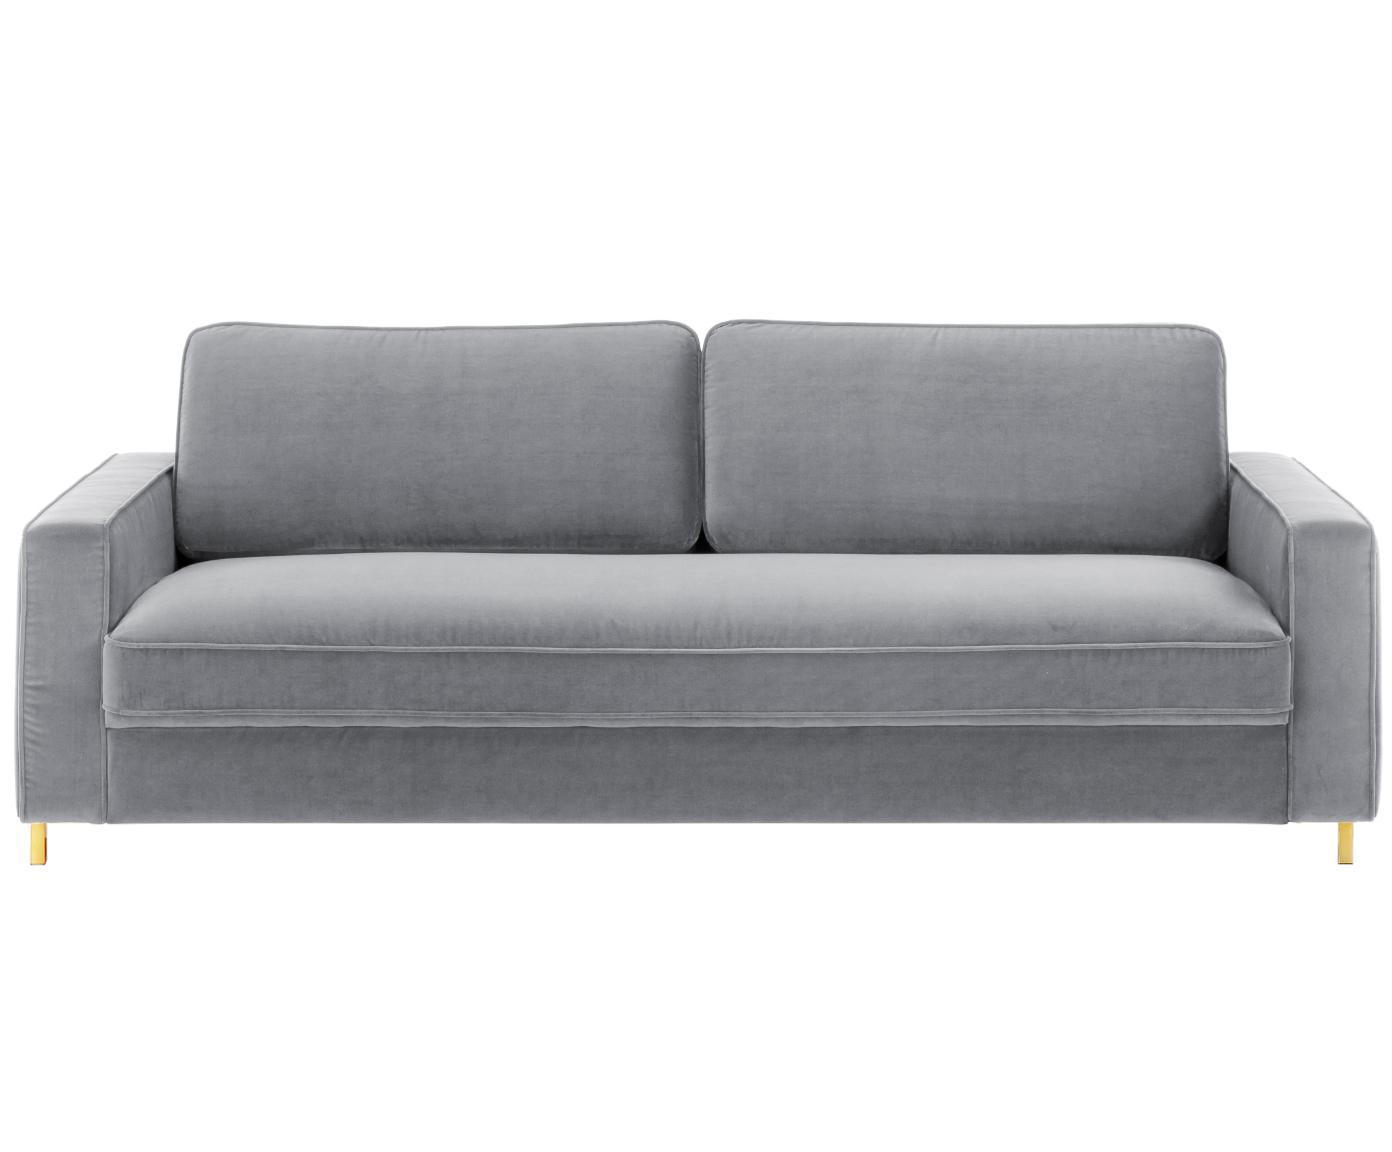 Sofa z aksamitu Chelsea (3-osobowa), Tapicerka: aksamit (wysokiej jakości, Stelaż: lite drewno świerkowe, Nogi: metal malowany proszkowo, Szary, S 228 x G 100 cm